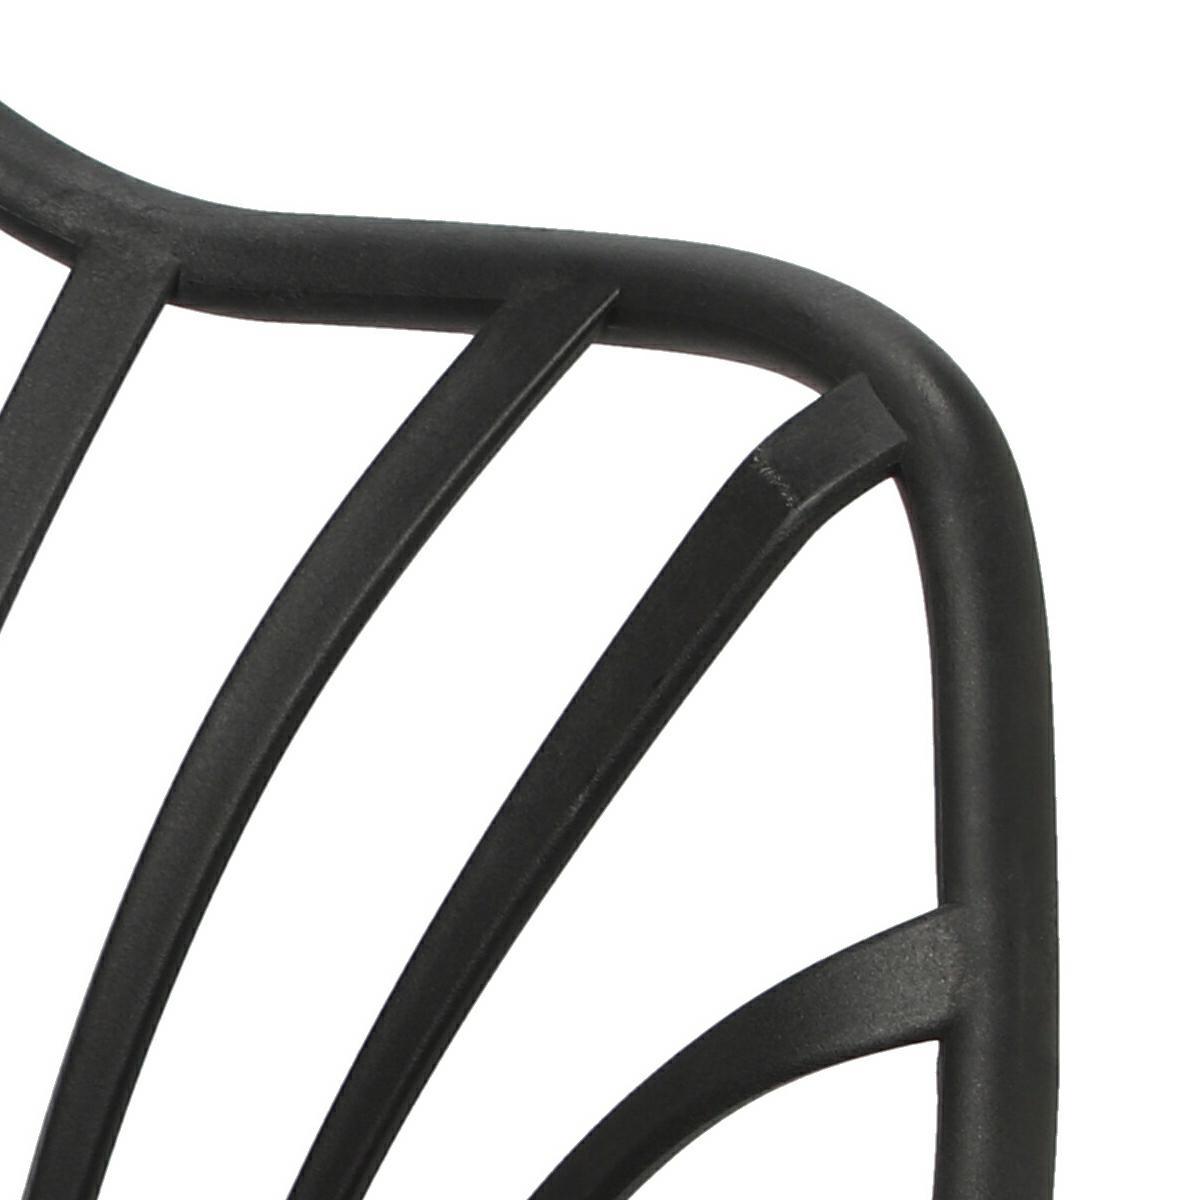 Krzesło Sirena z podłokietnikami czarne - zdjęcie nr 15